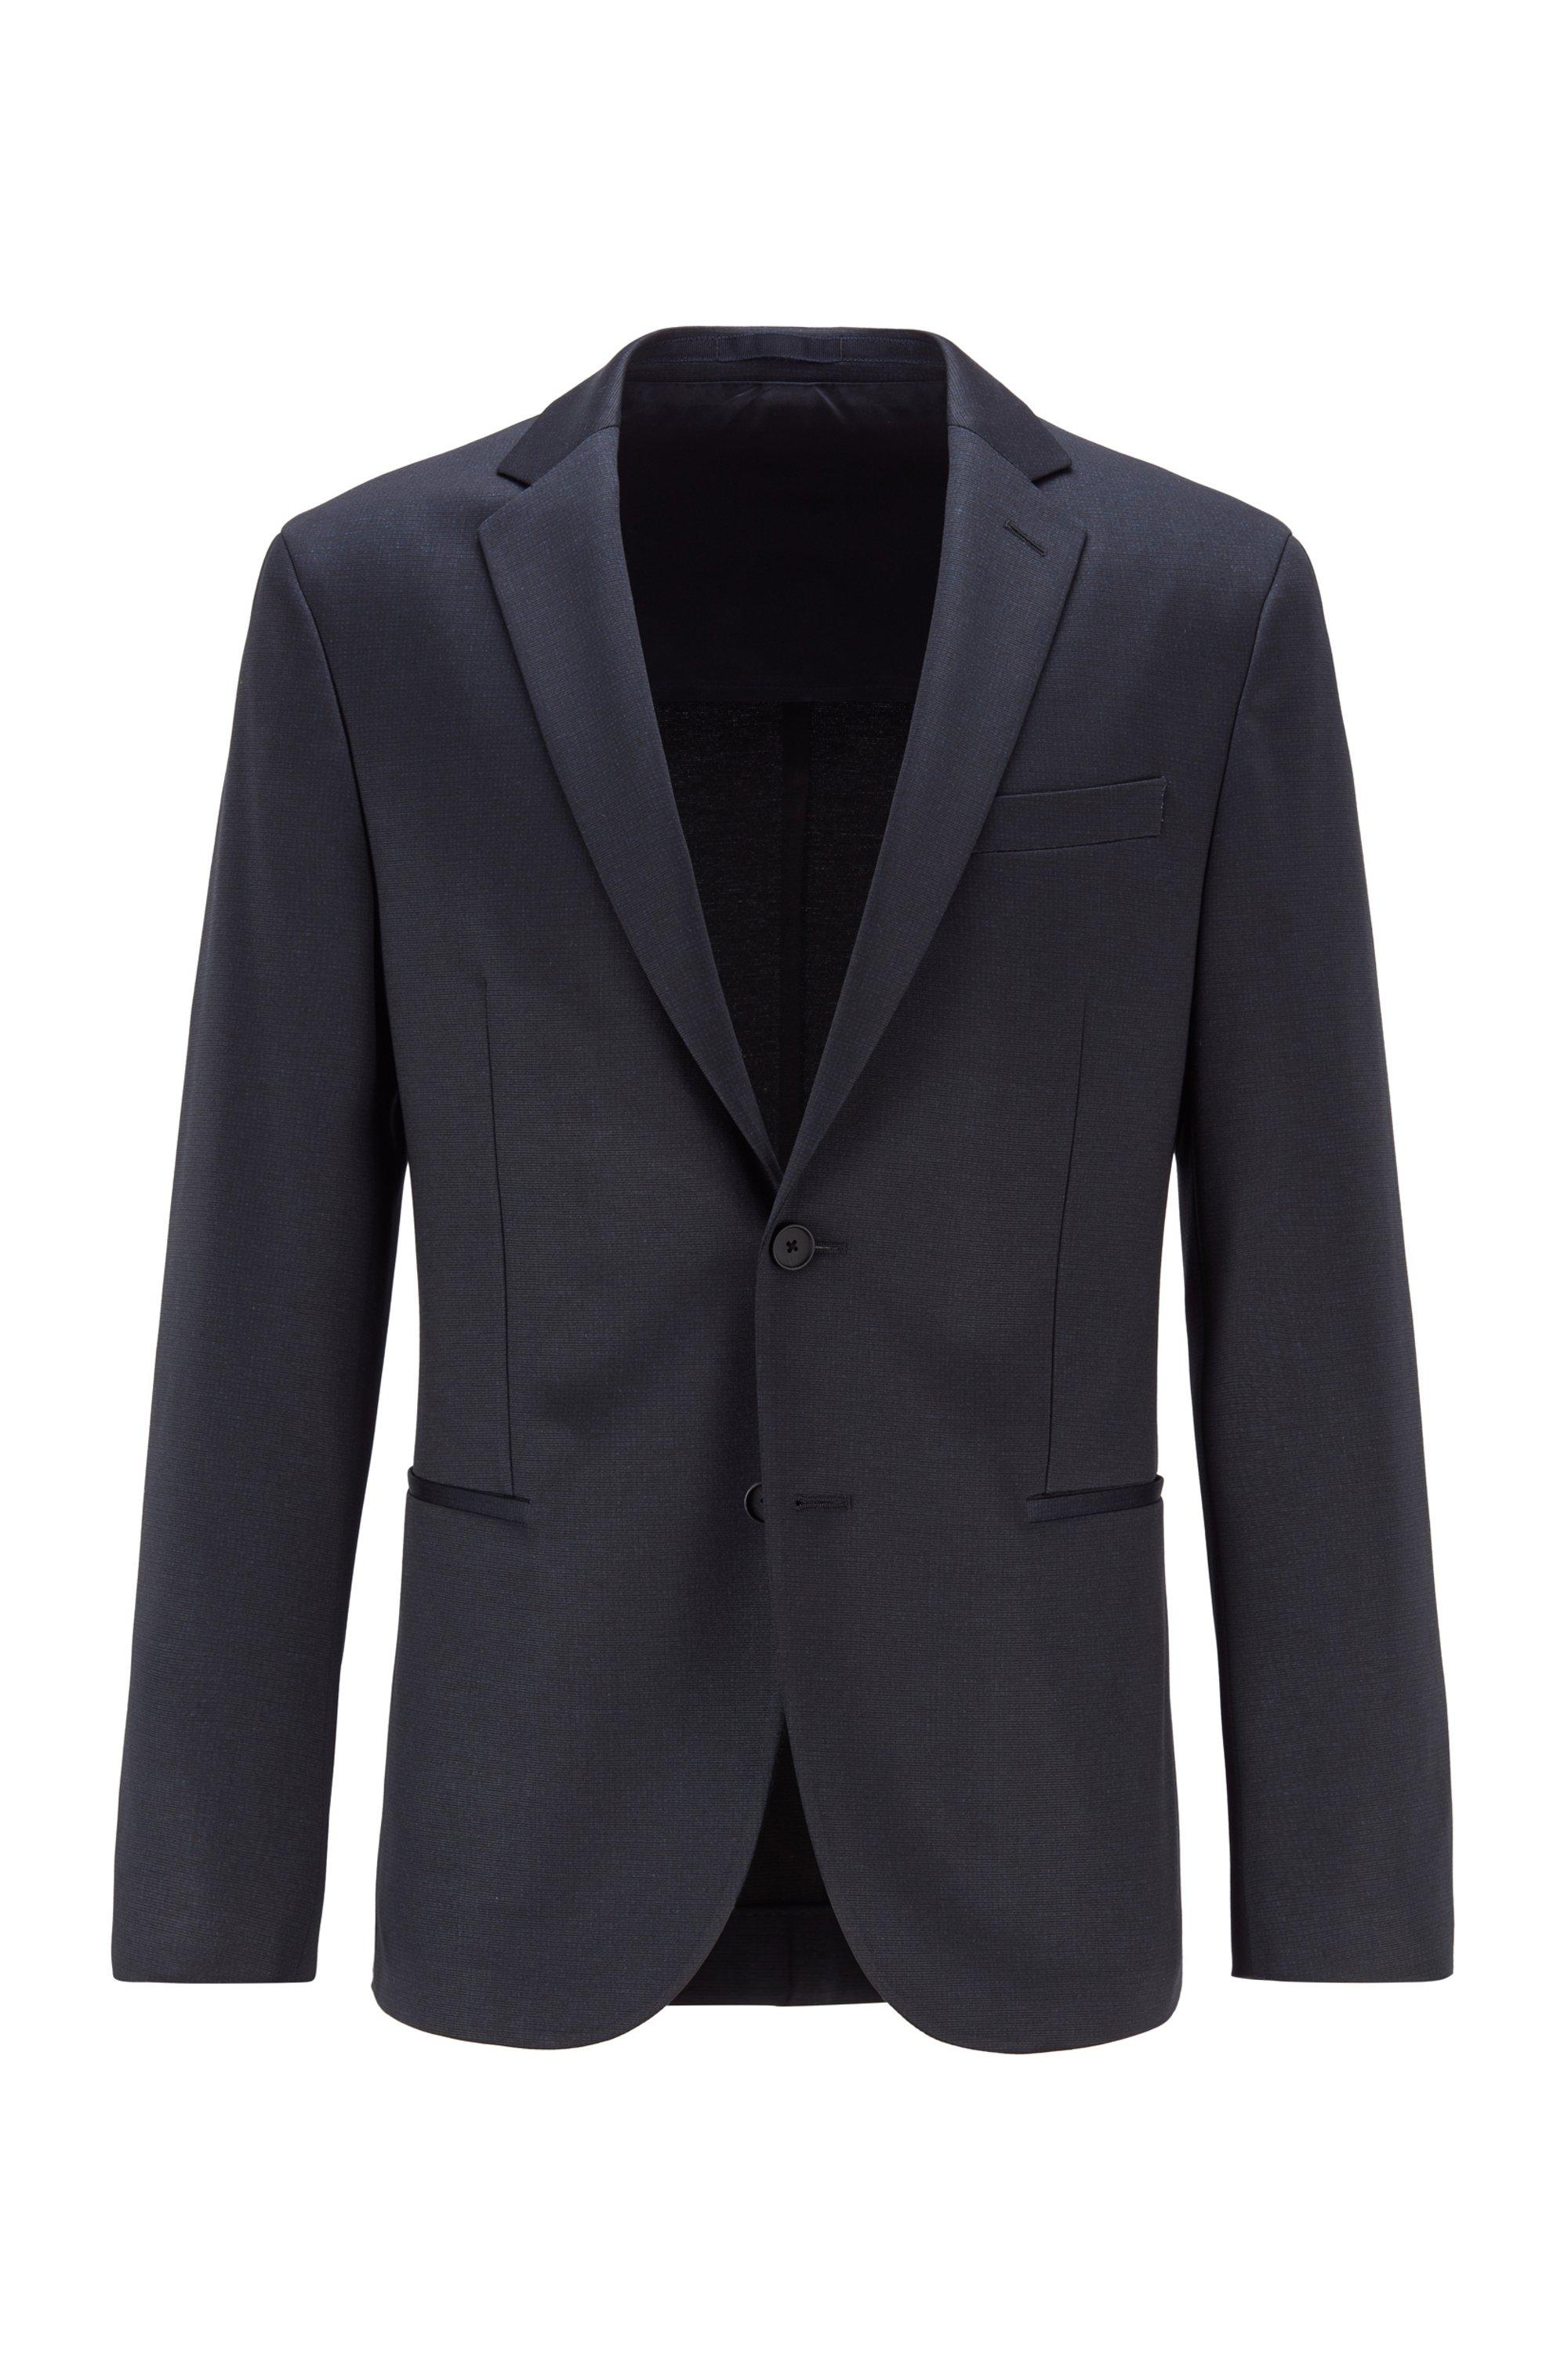 Veste Slim Fit en jersey à micromotif, Bleu foncé